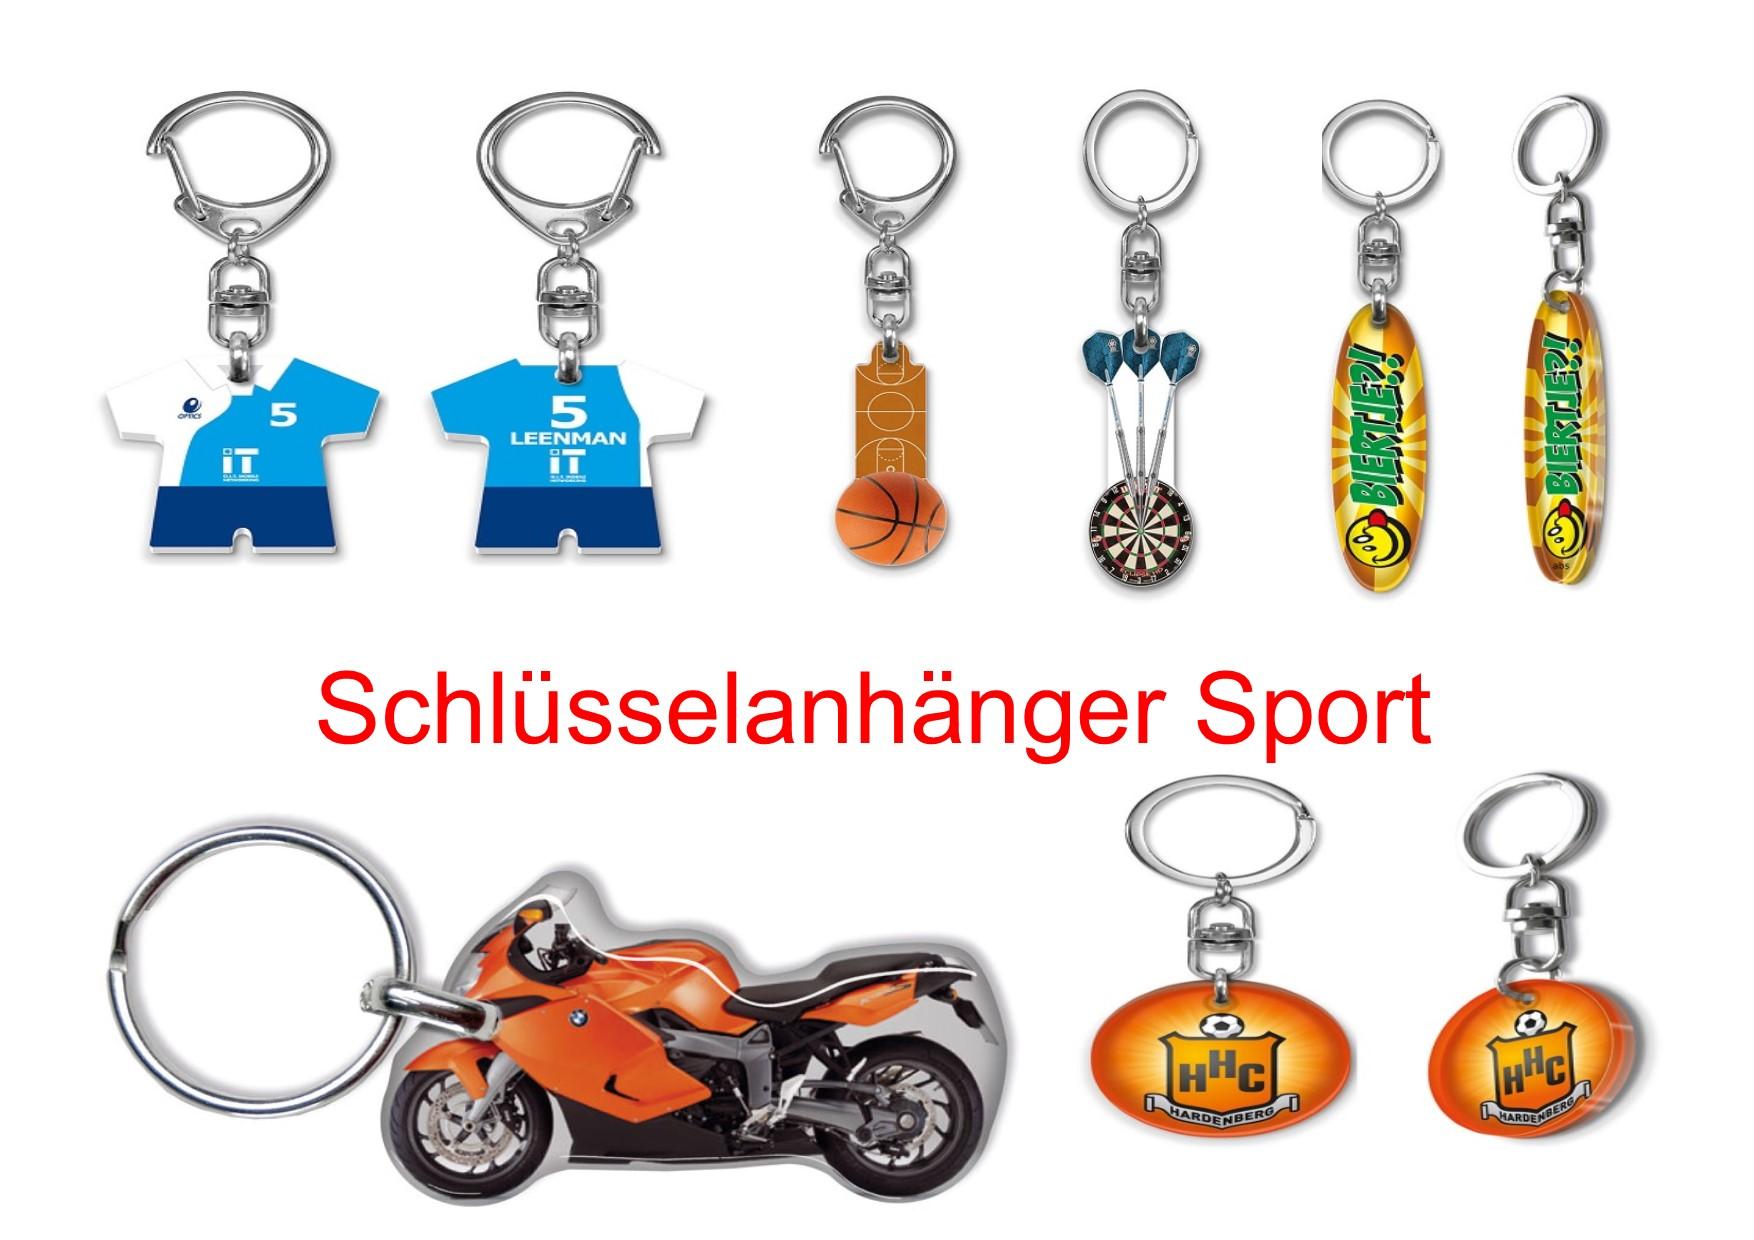 Schlüsselanhänger Sport, Schlüssel-anhänger Sport, Sportartikel, Sportartikel Werbung,